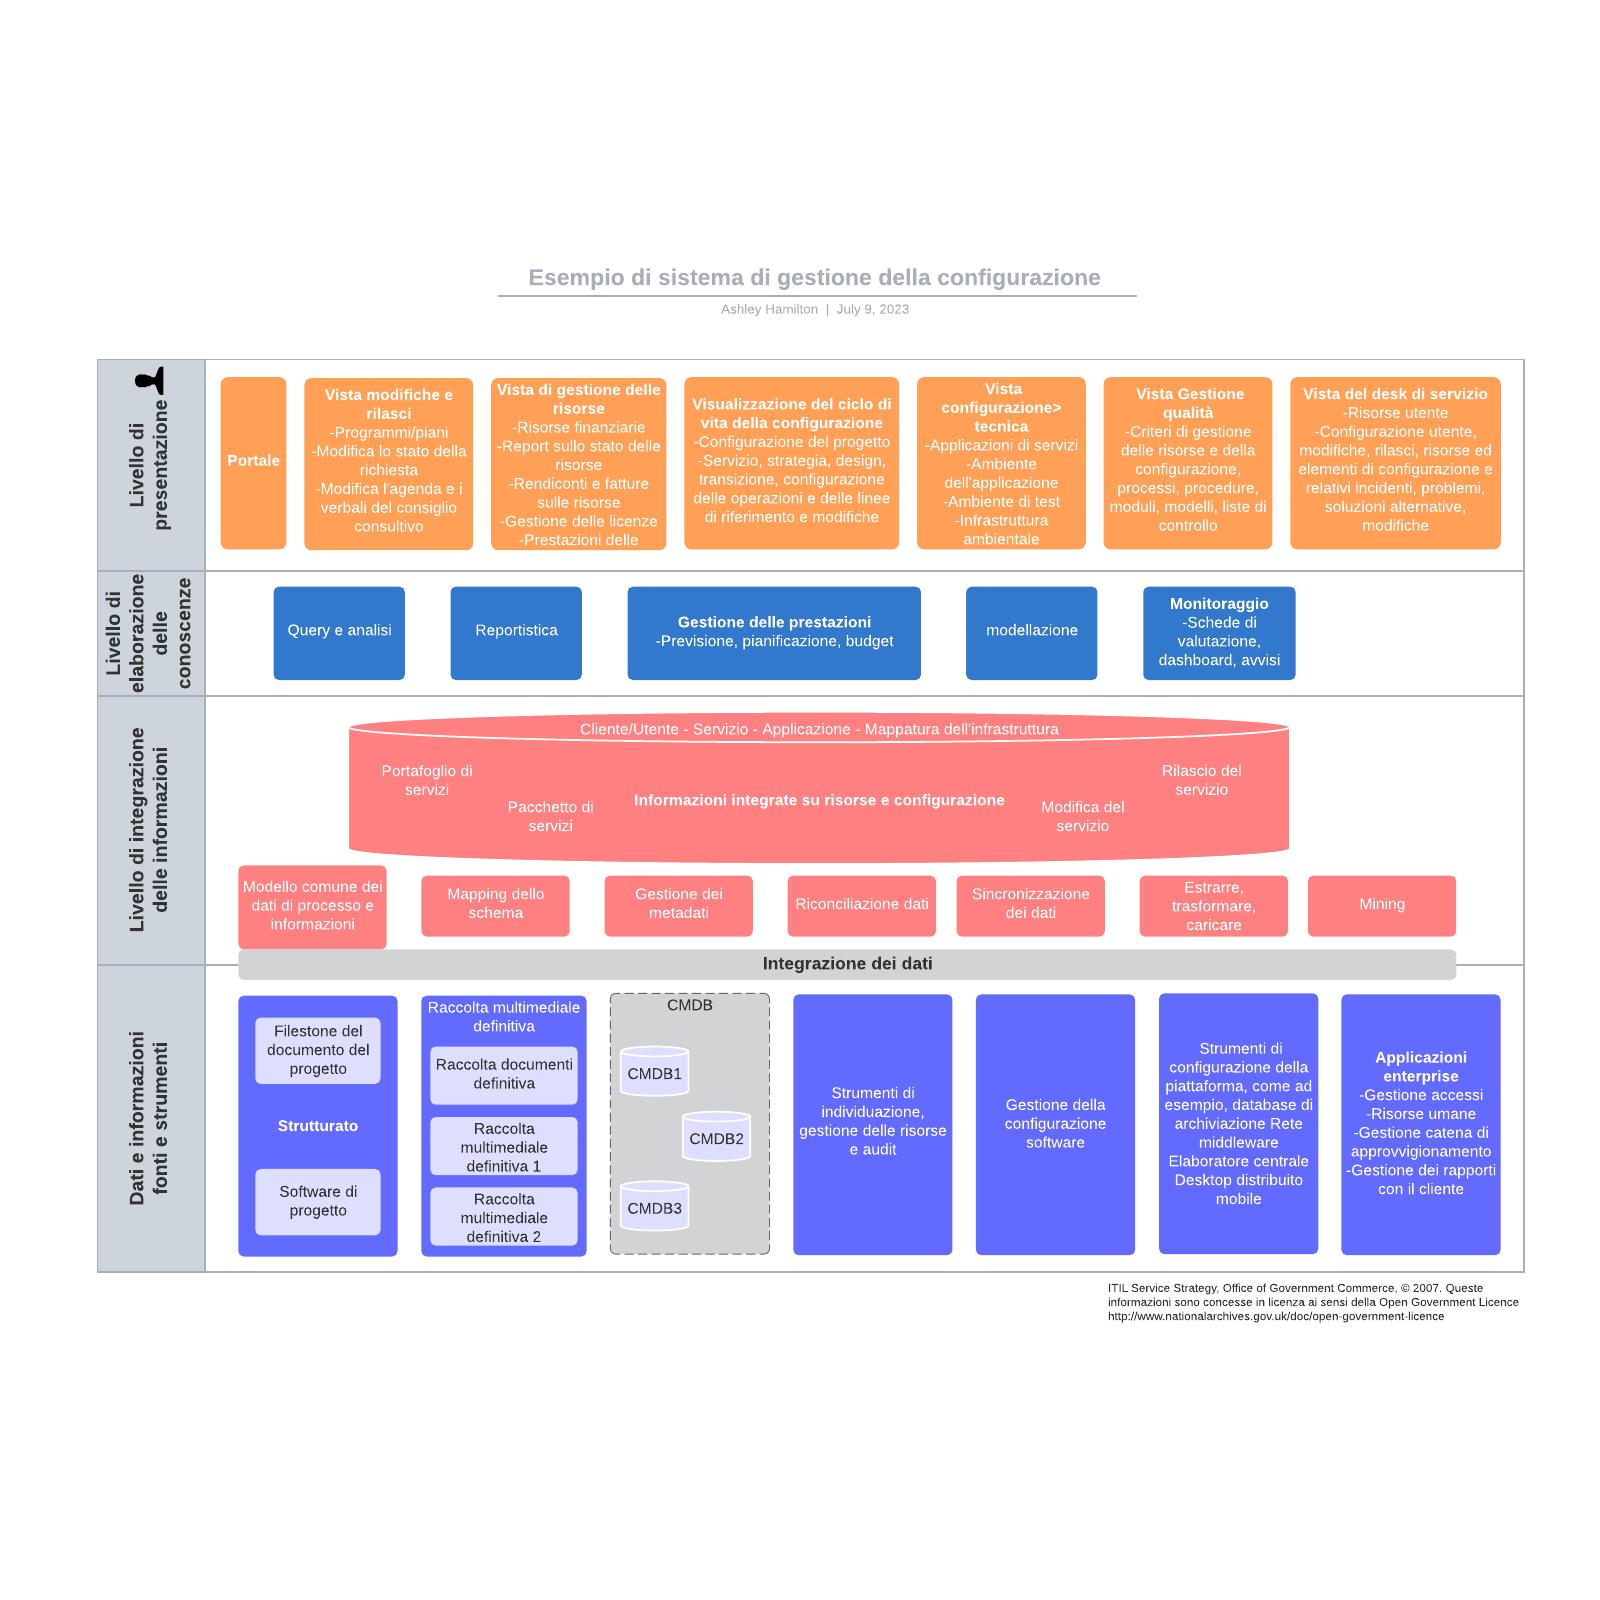 Esempio di sistema di gestione della configurazione